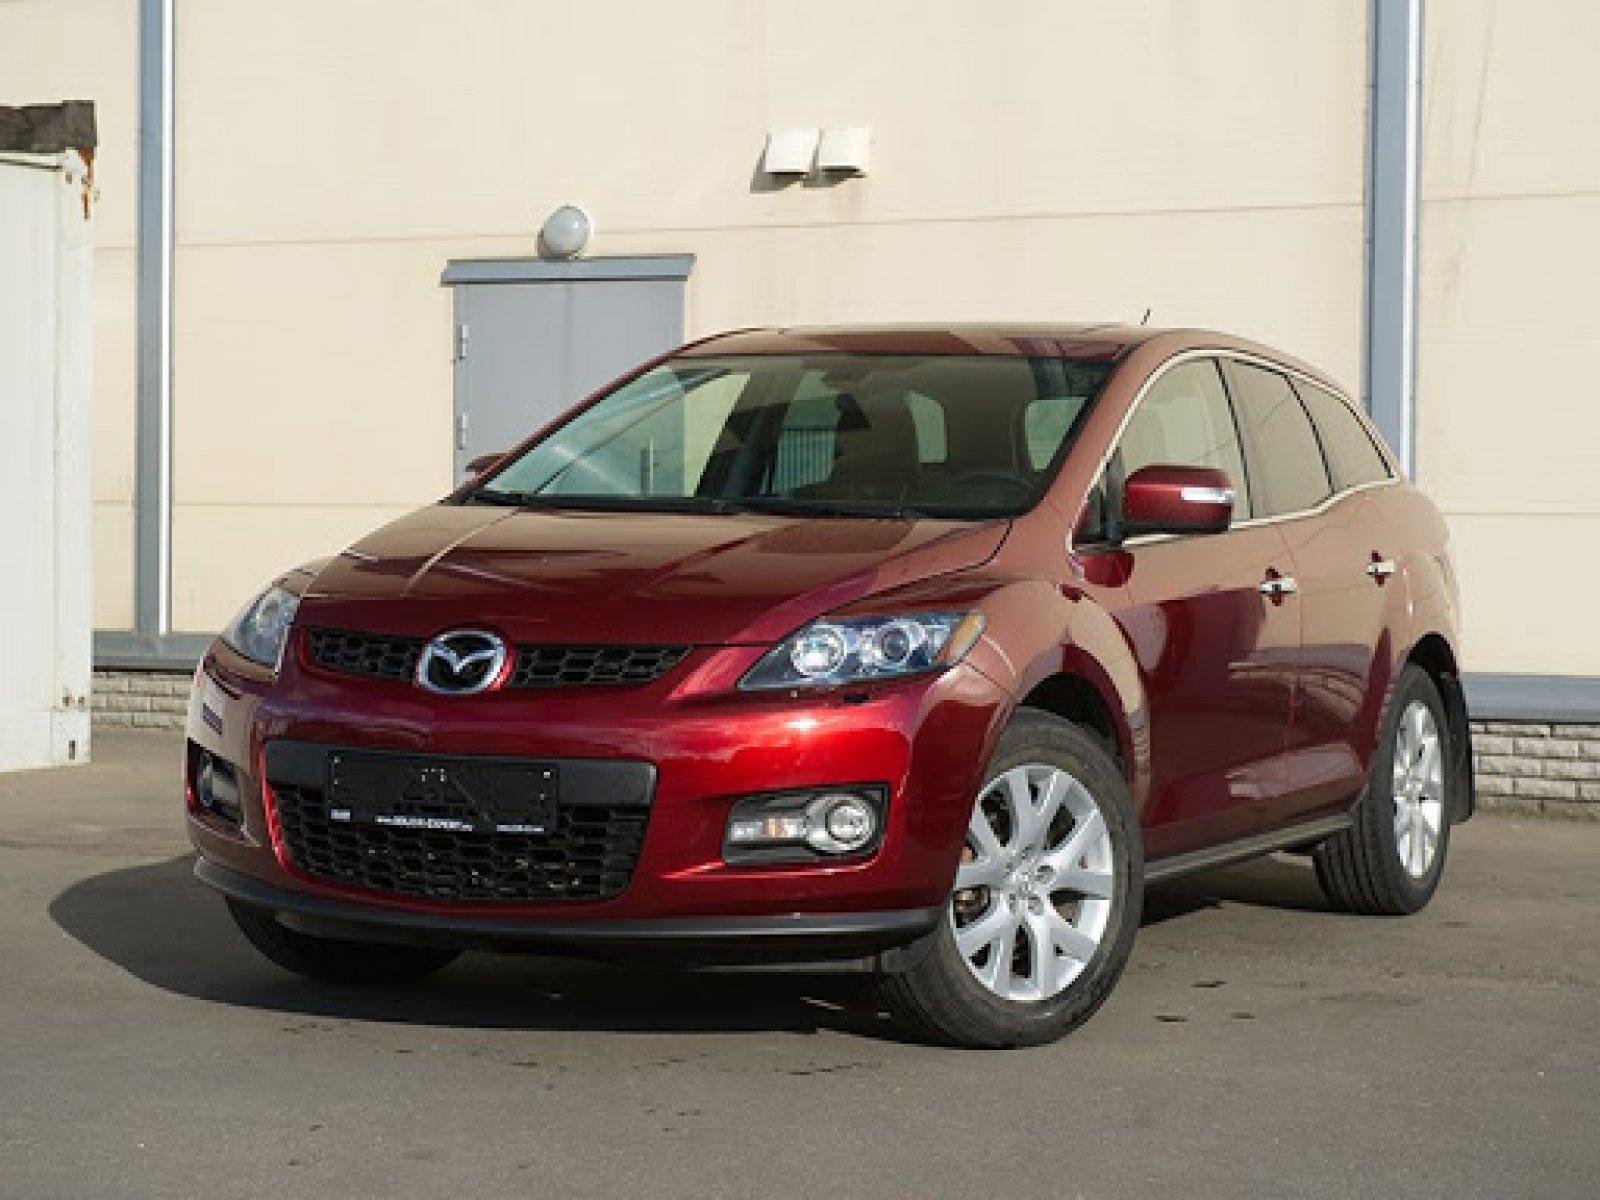 Відновлення задньої підвіски на Mazda CX - 7